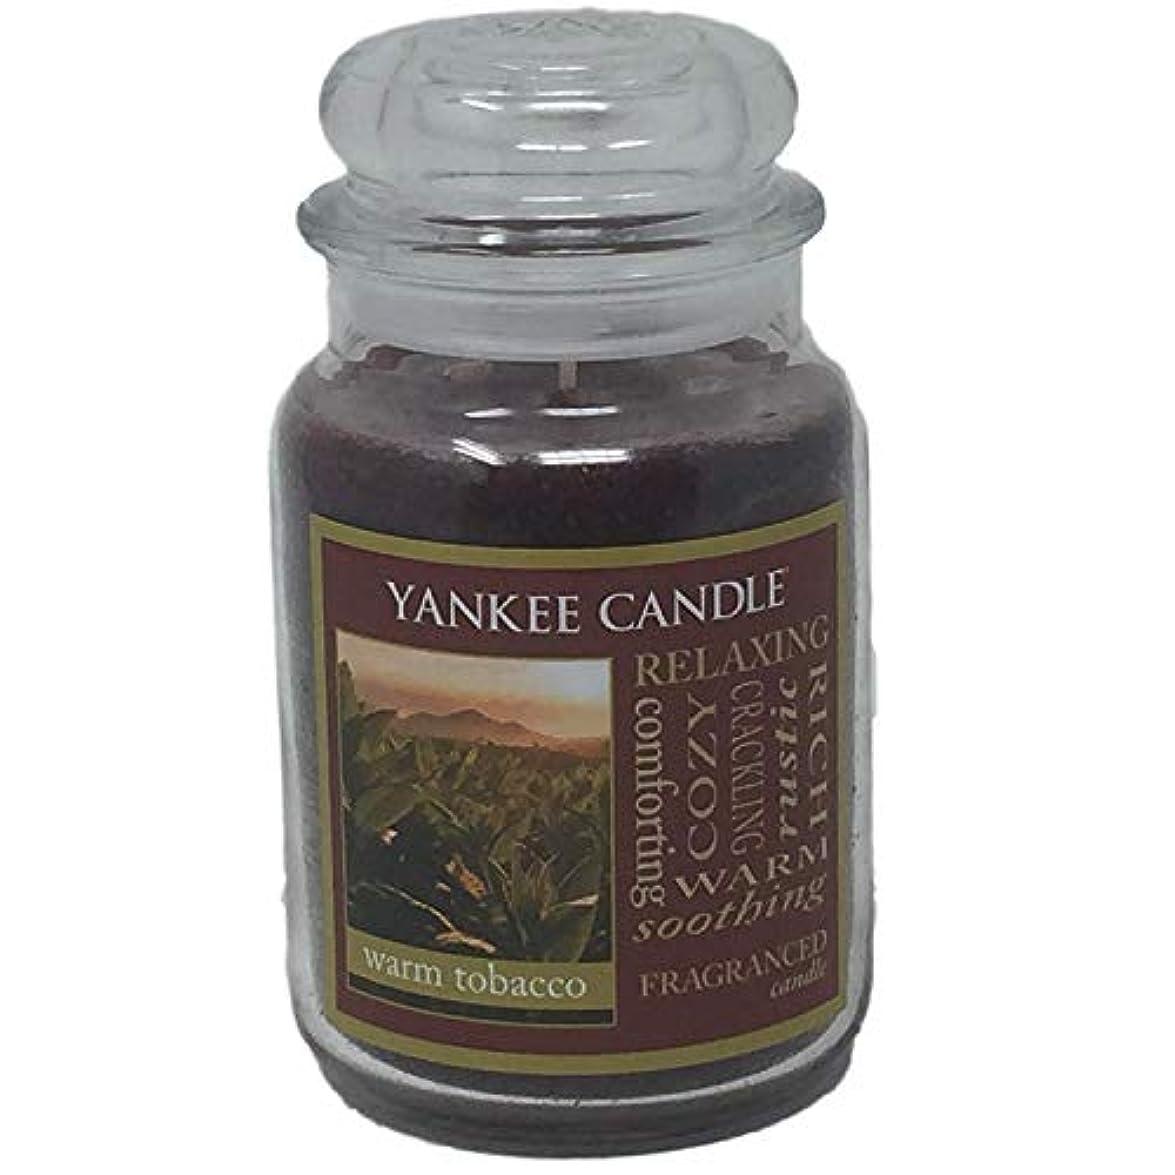 野生スチュワード無法者Yankee Candle WarmタバコJar Candle – 22 oz Largeサイズ